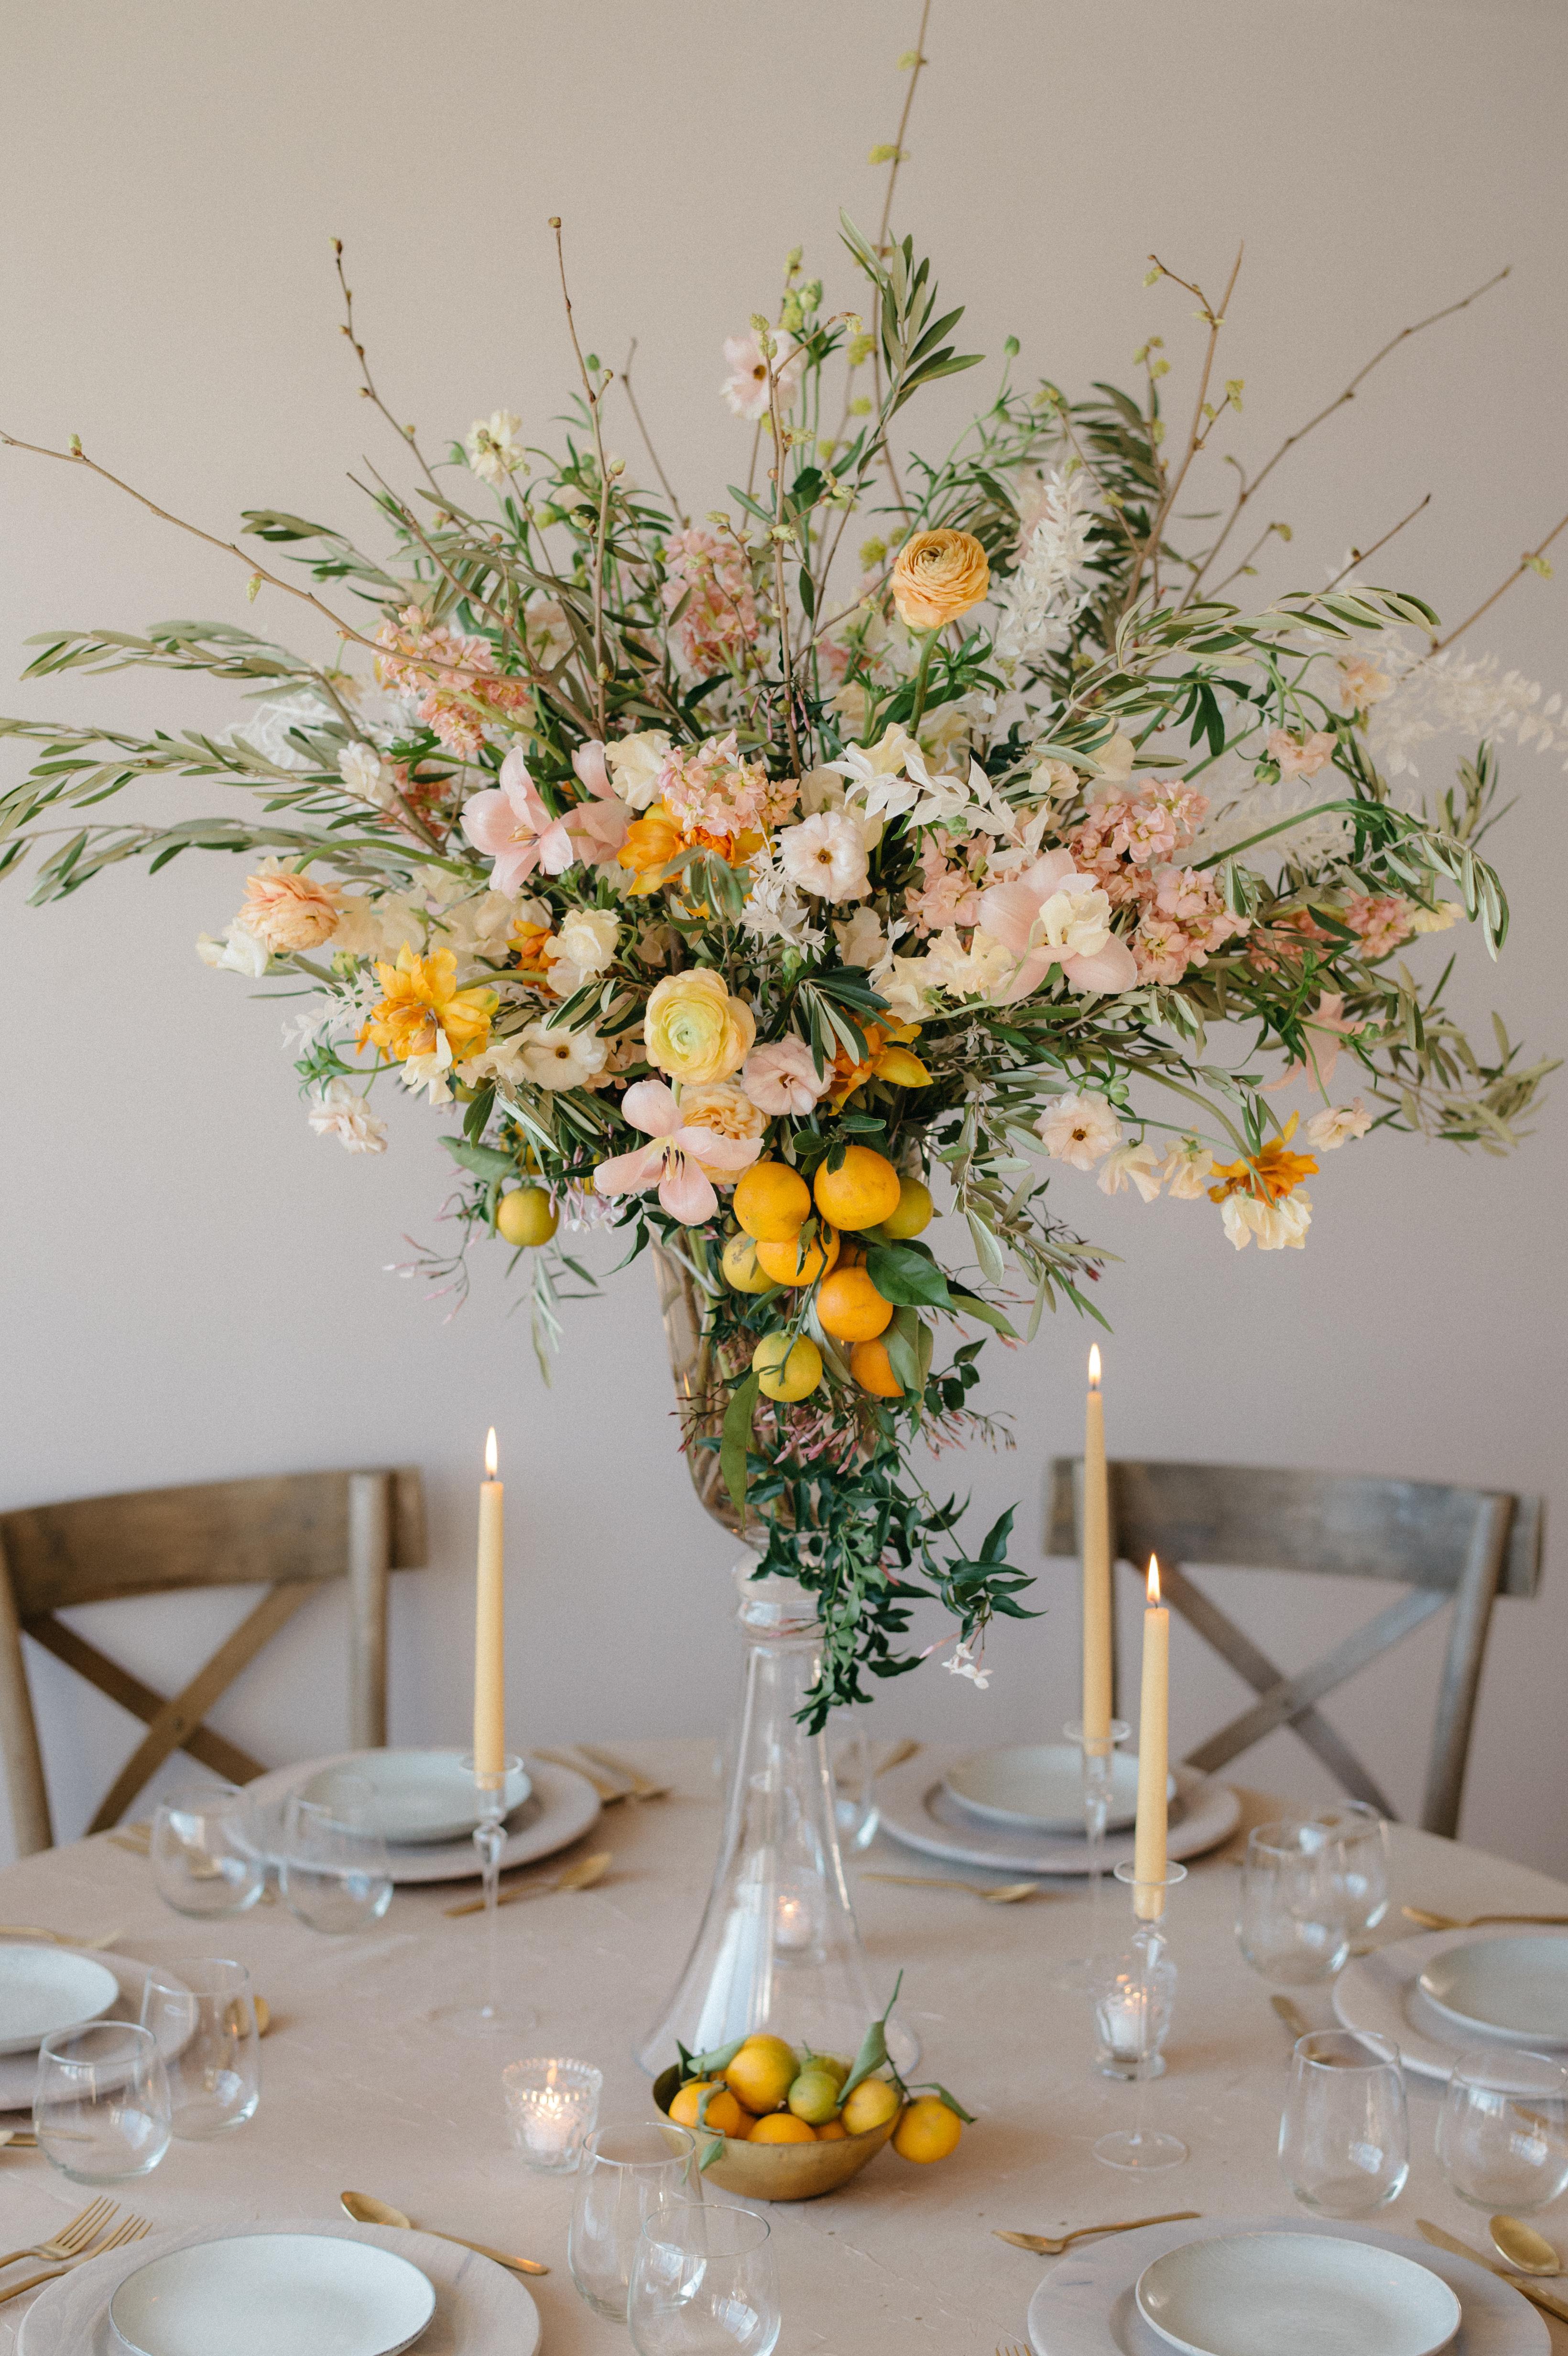 Lush Tall Florals in Elegant Vase